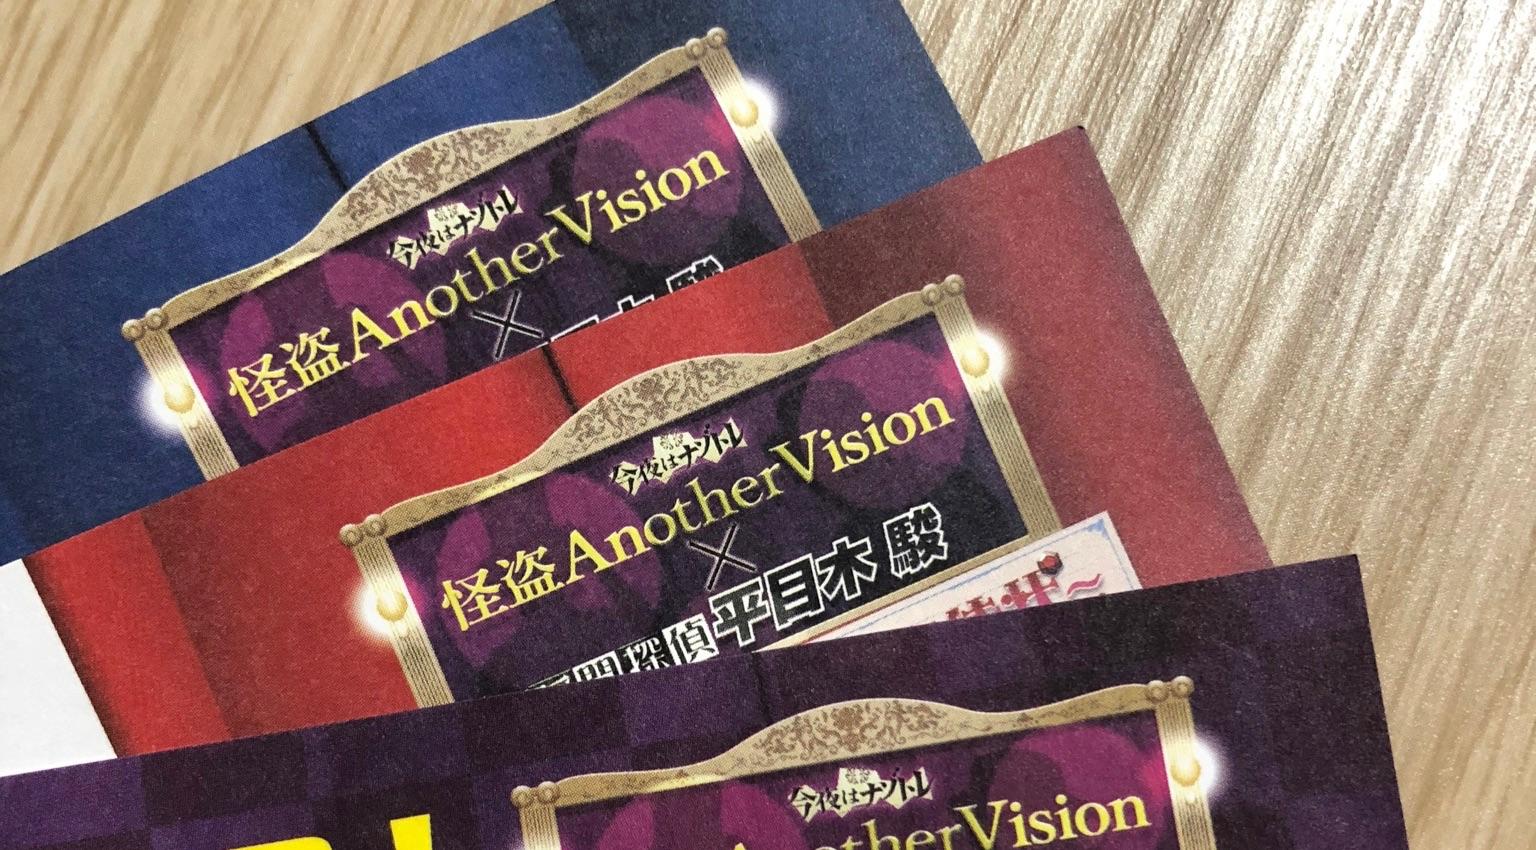 怪盗AnotherVision × 瞬間探偵平目木駿 ミステリーパーティーへの招待状